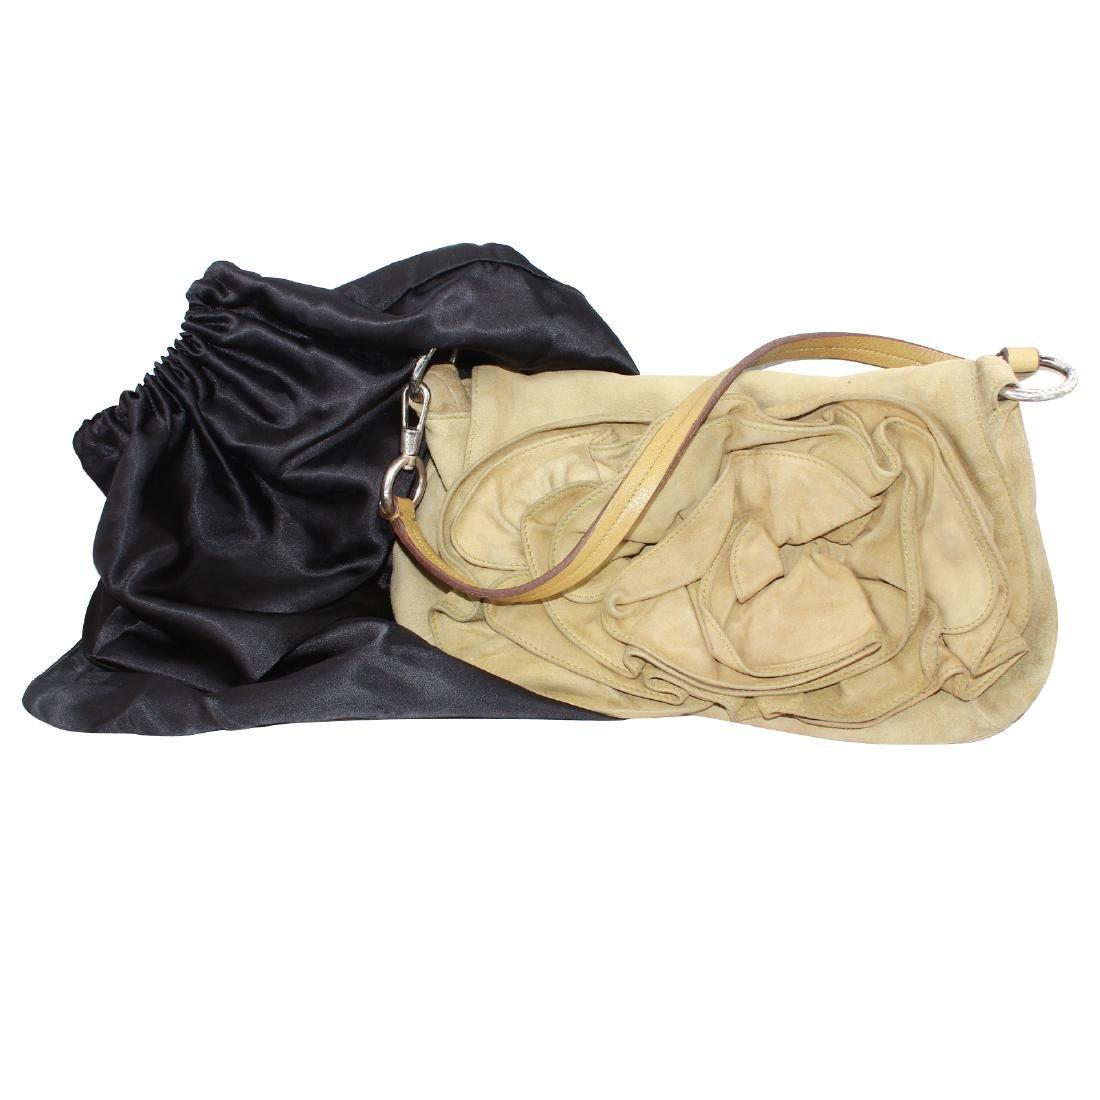 Yves Saint Laurent Nadja Rose Shoulder Handbag Beige